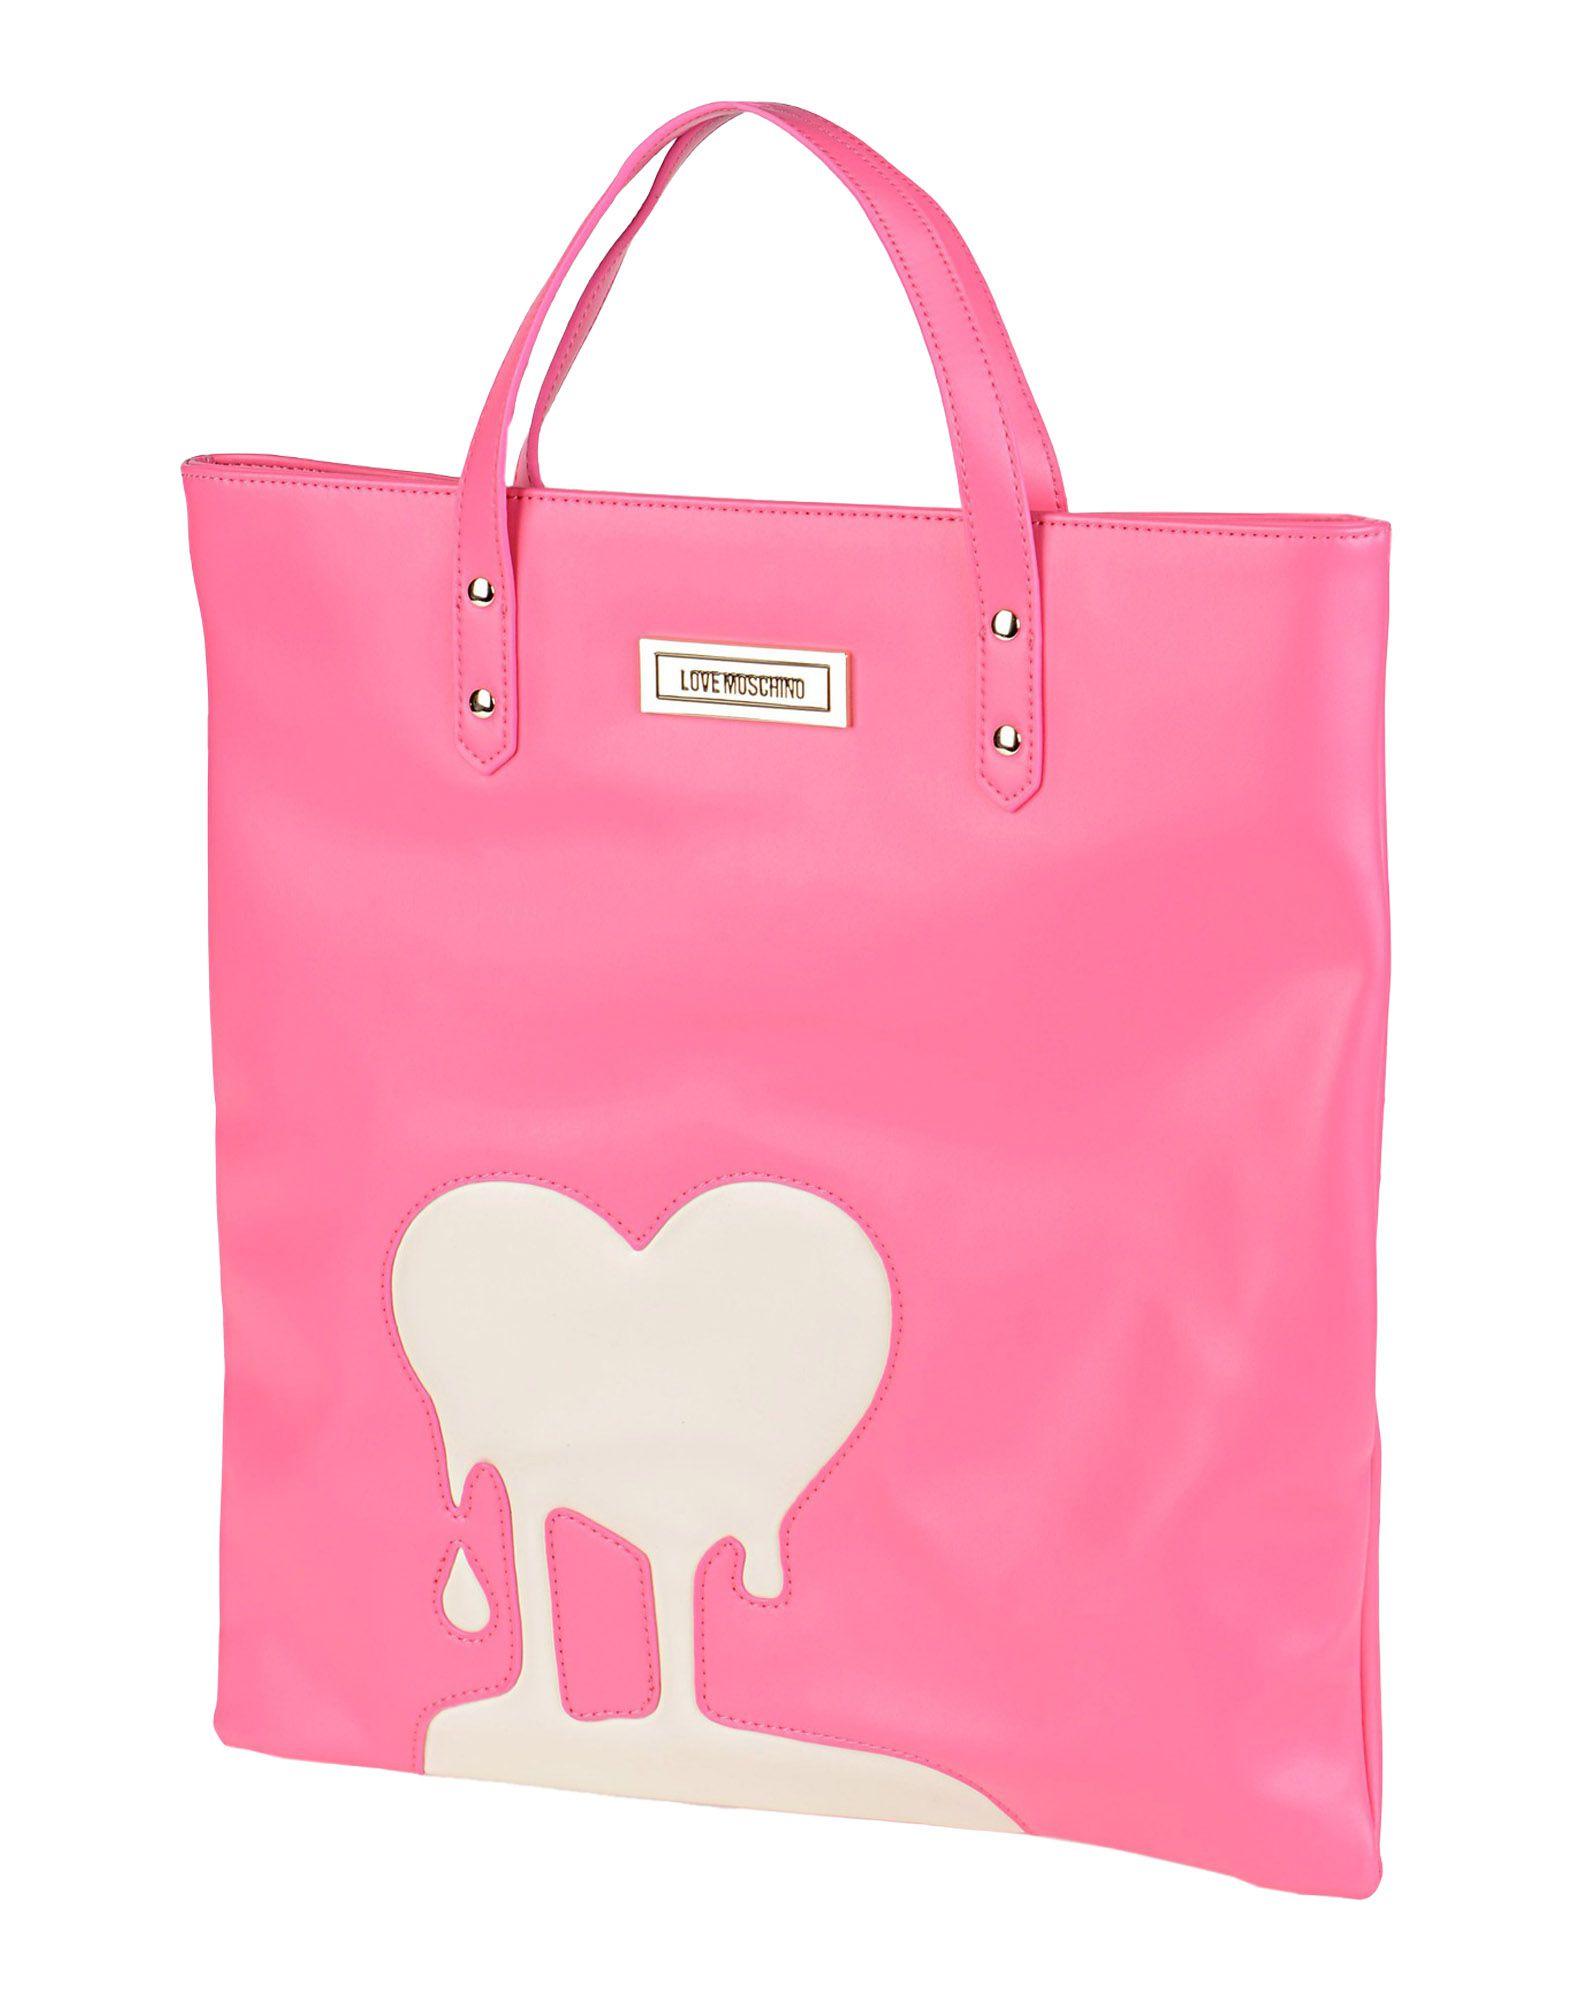 LOVE MOSCHINO Рюкзаки и сумки на пояс туалетная вода moschino i love love объем 100 мл вес 150 00